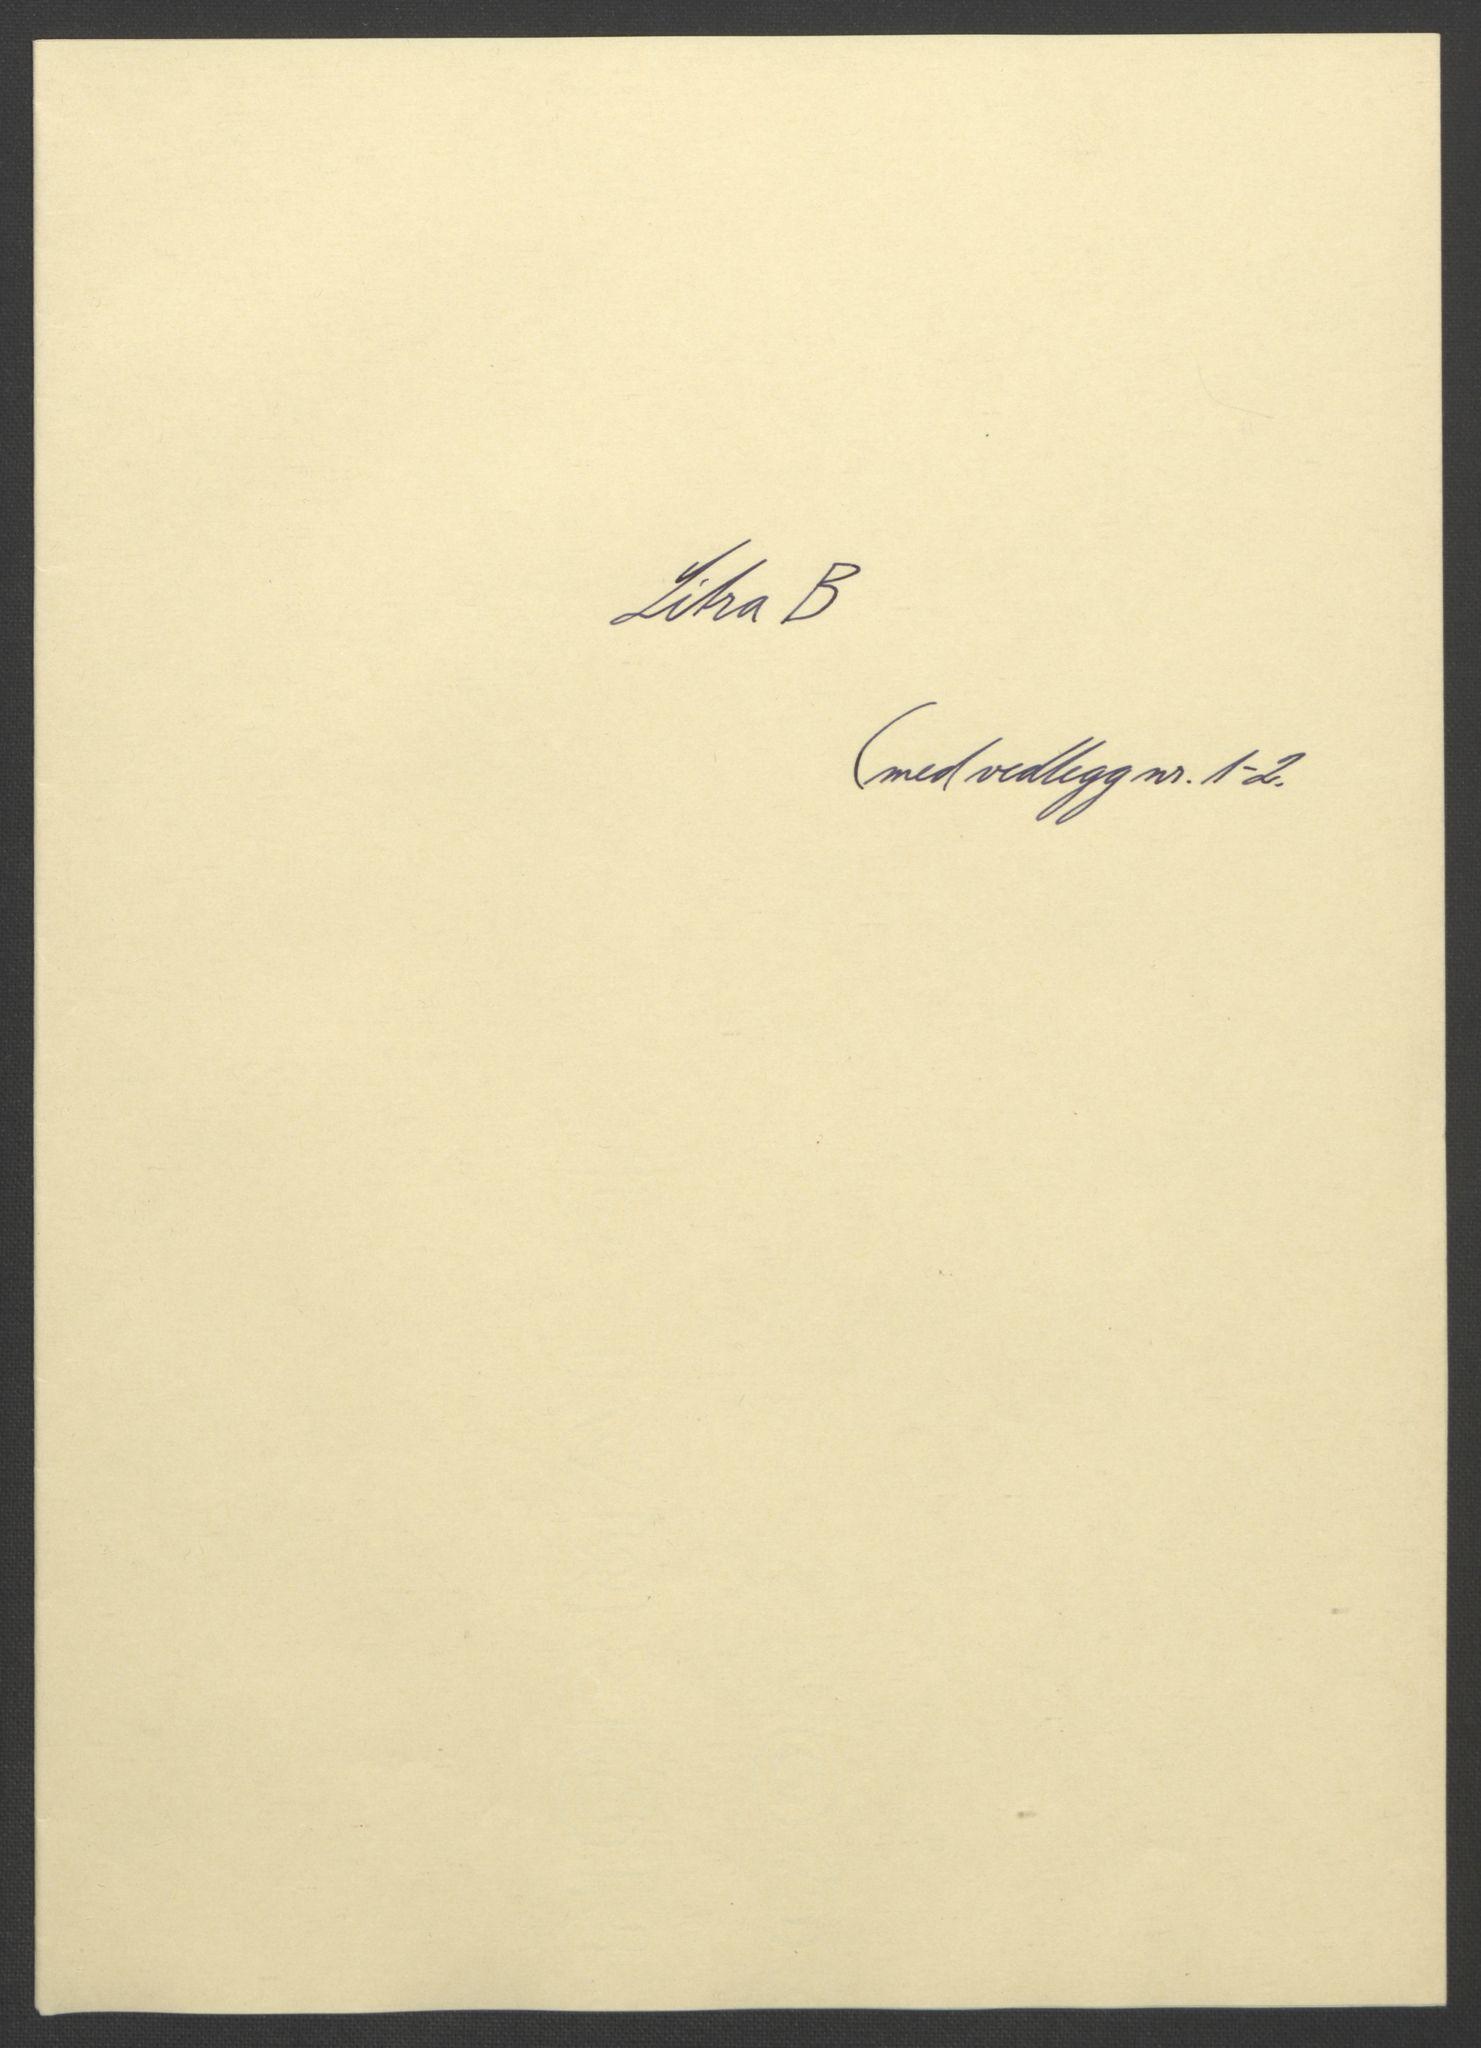 RA, Rentekammeret inntil 1814, Reviderte regnskaper, Fogderegnskap, R47/L2856: Fogderegnskap Ryfylke, 1689-1693, s. 165